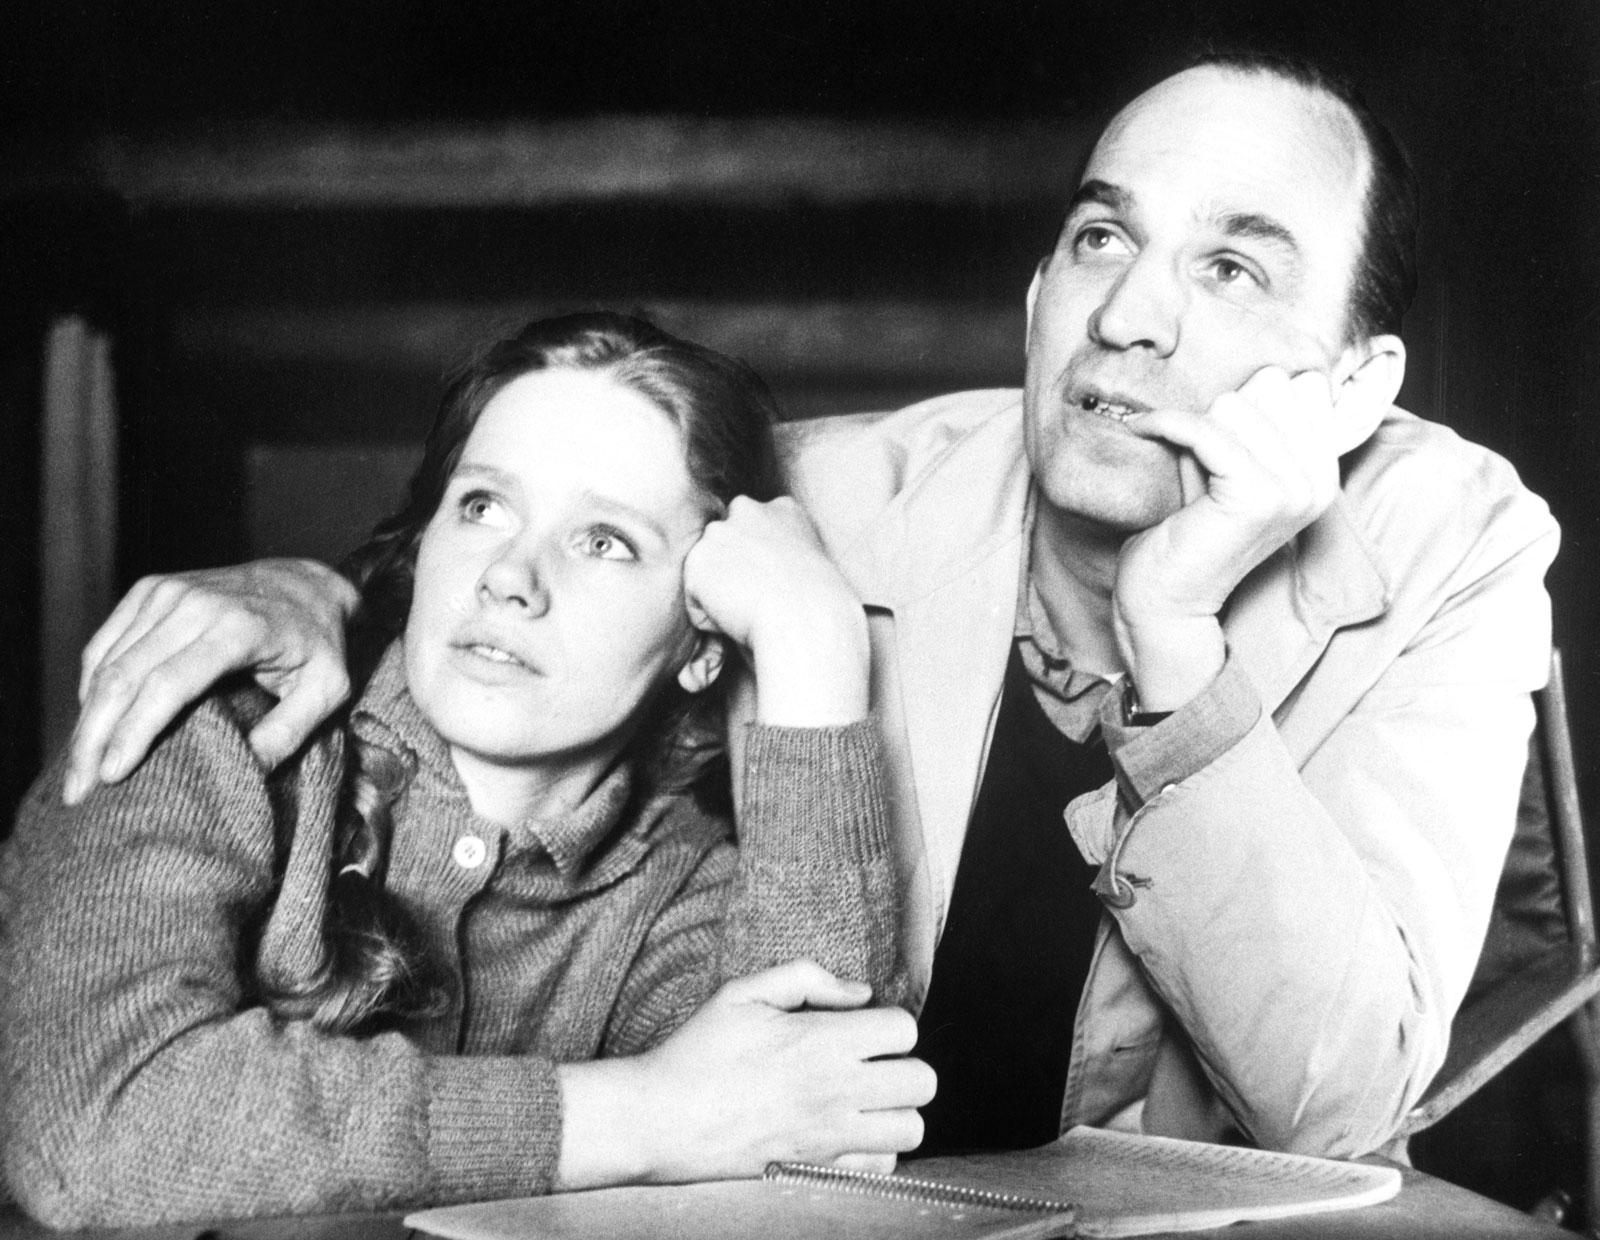 TÜRVAK'ta Liv Ullmann & Ingmar Bergman Fotoğraf Sergisi ...